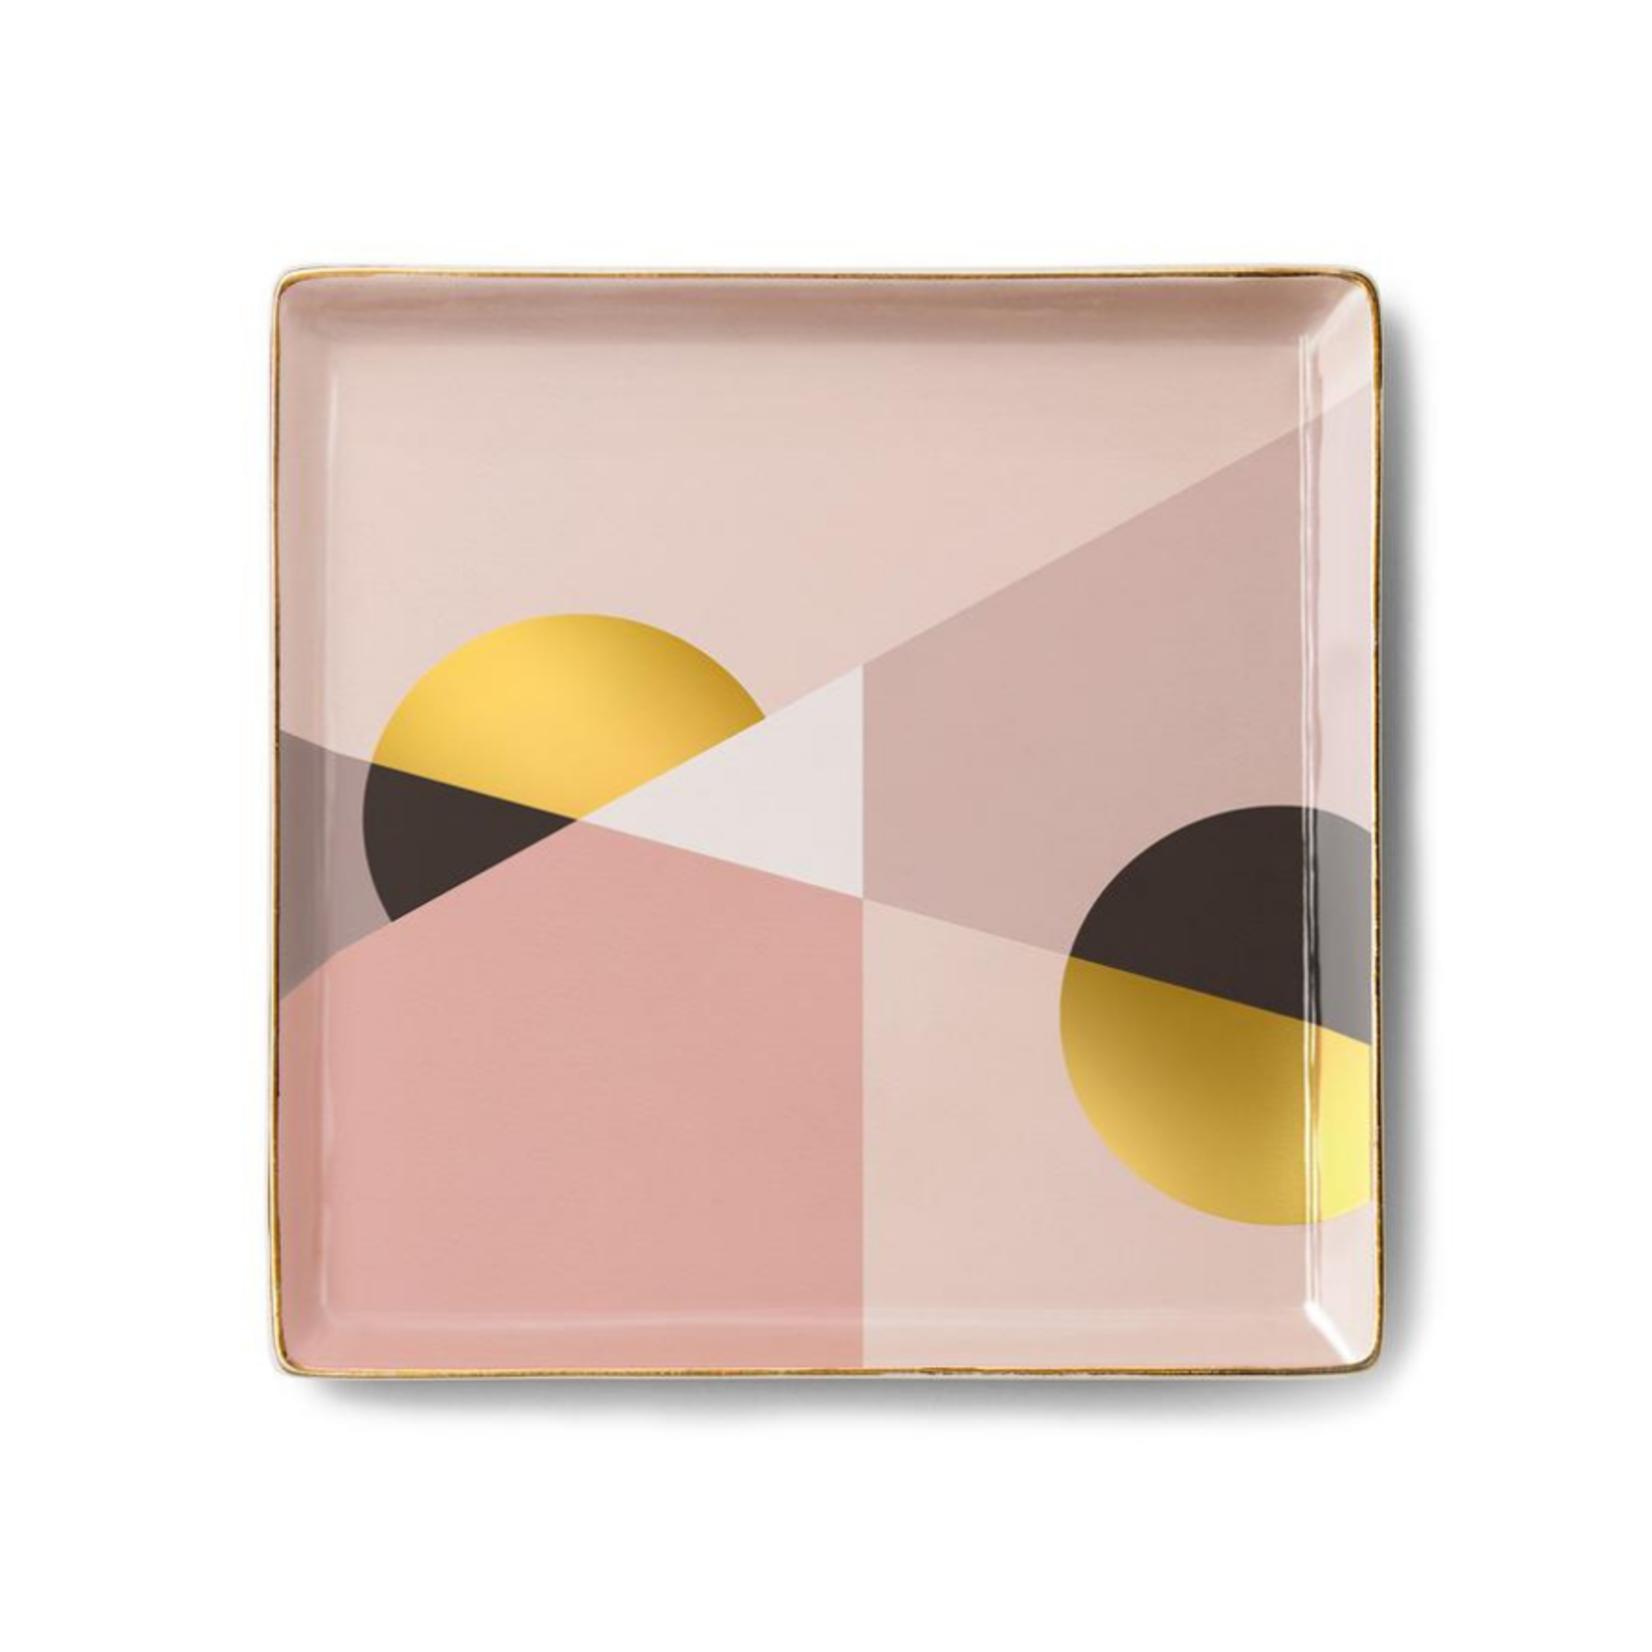 Octaevo Ceramic Tray